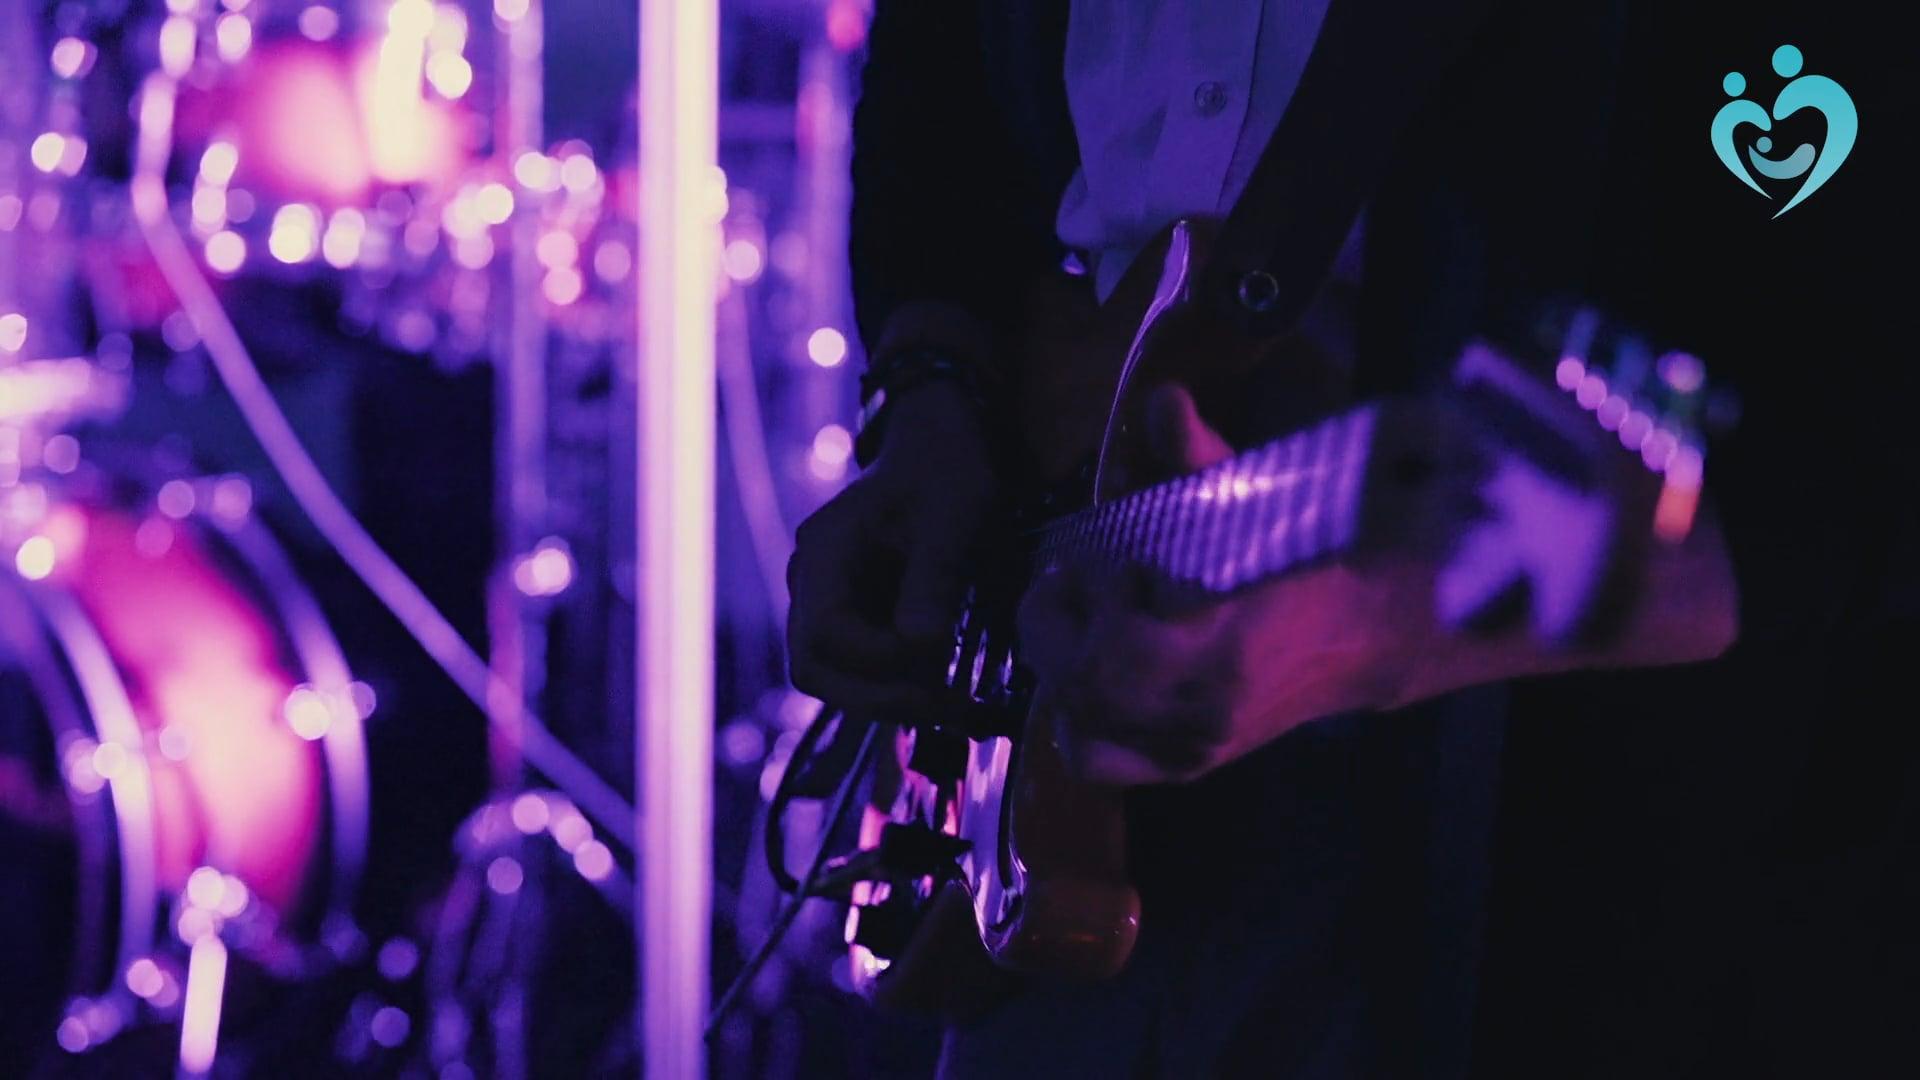 Nocny Koncert & Friends / 4OpenMind / The Tides Warsaw